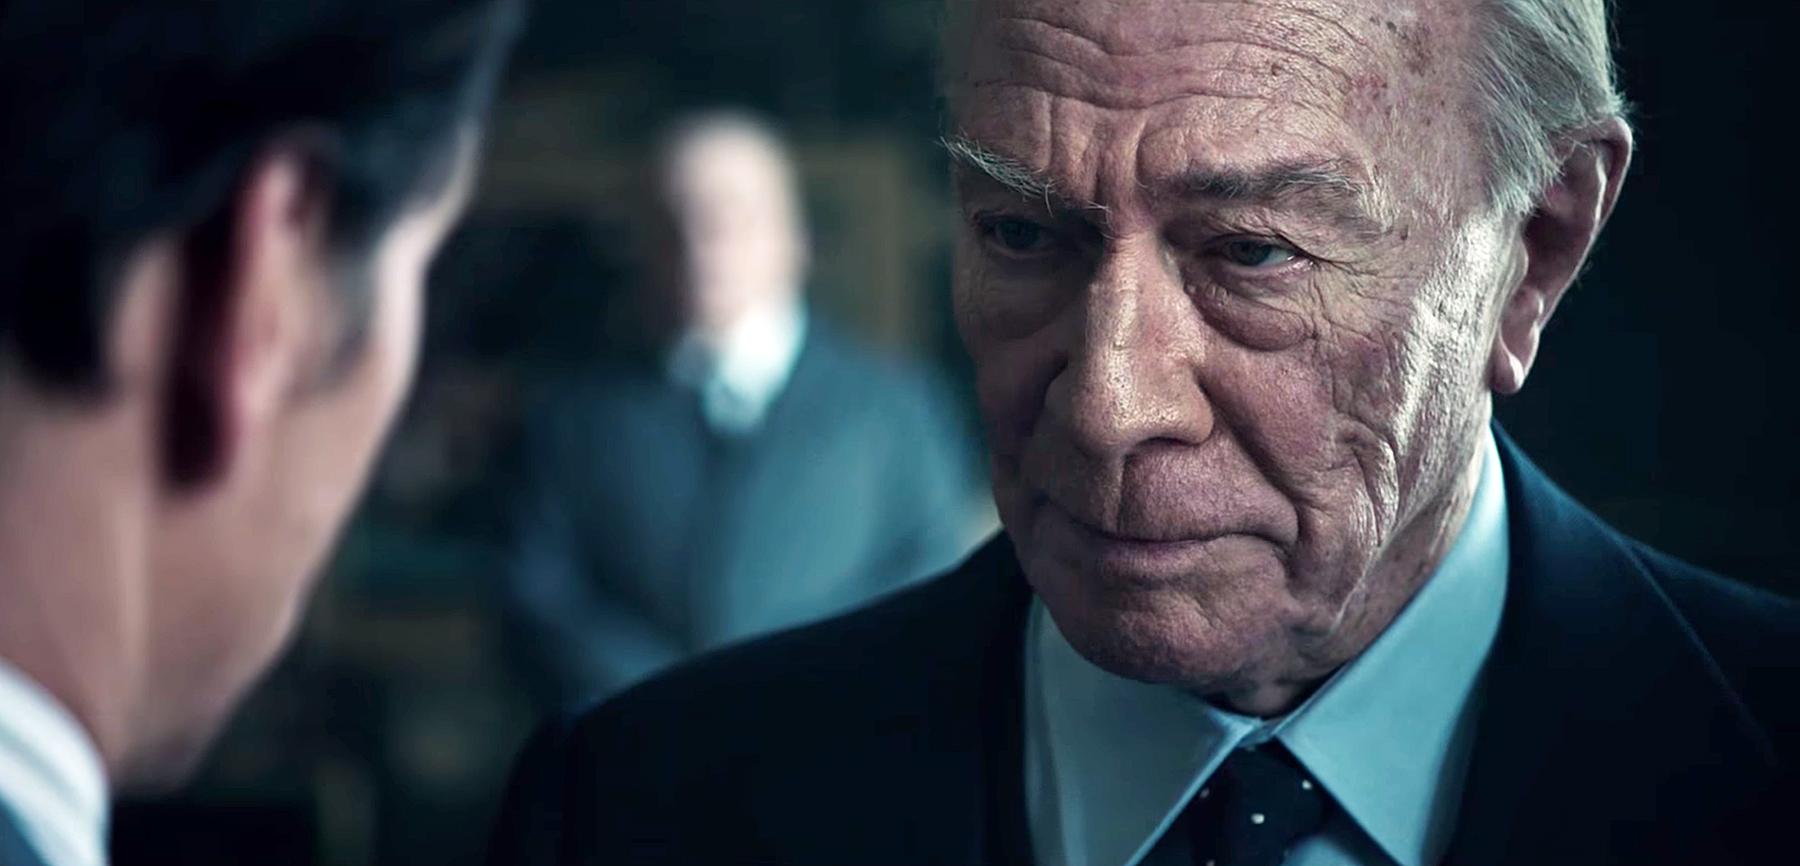 Θρήνος στο Χόλυγουντ! Απεβίωσε ο βραβευμένος με Όσκαρ ηθοποιός Κρίστοφερ Πλάμερ